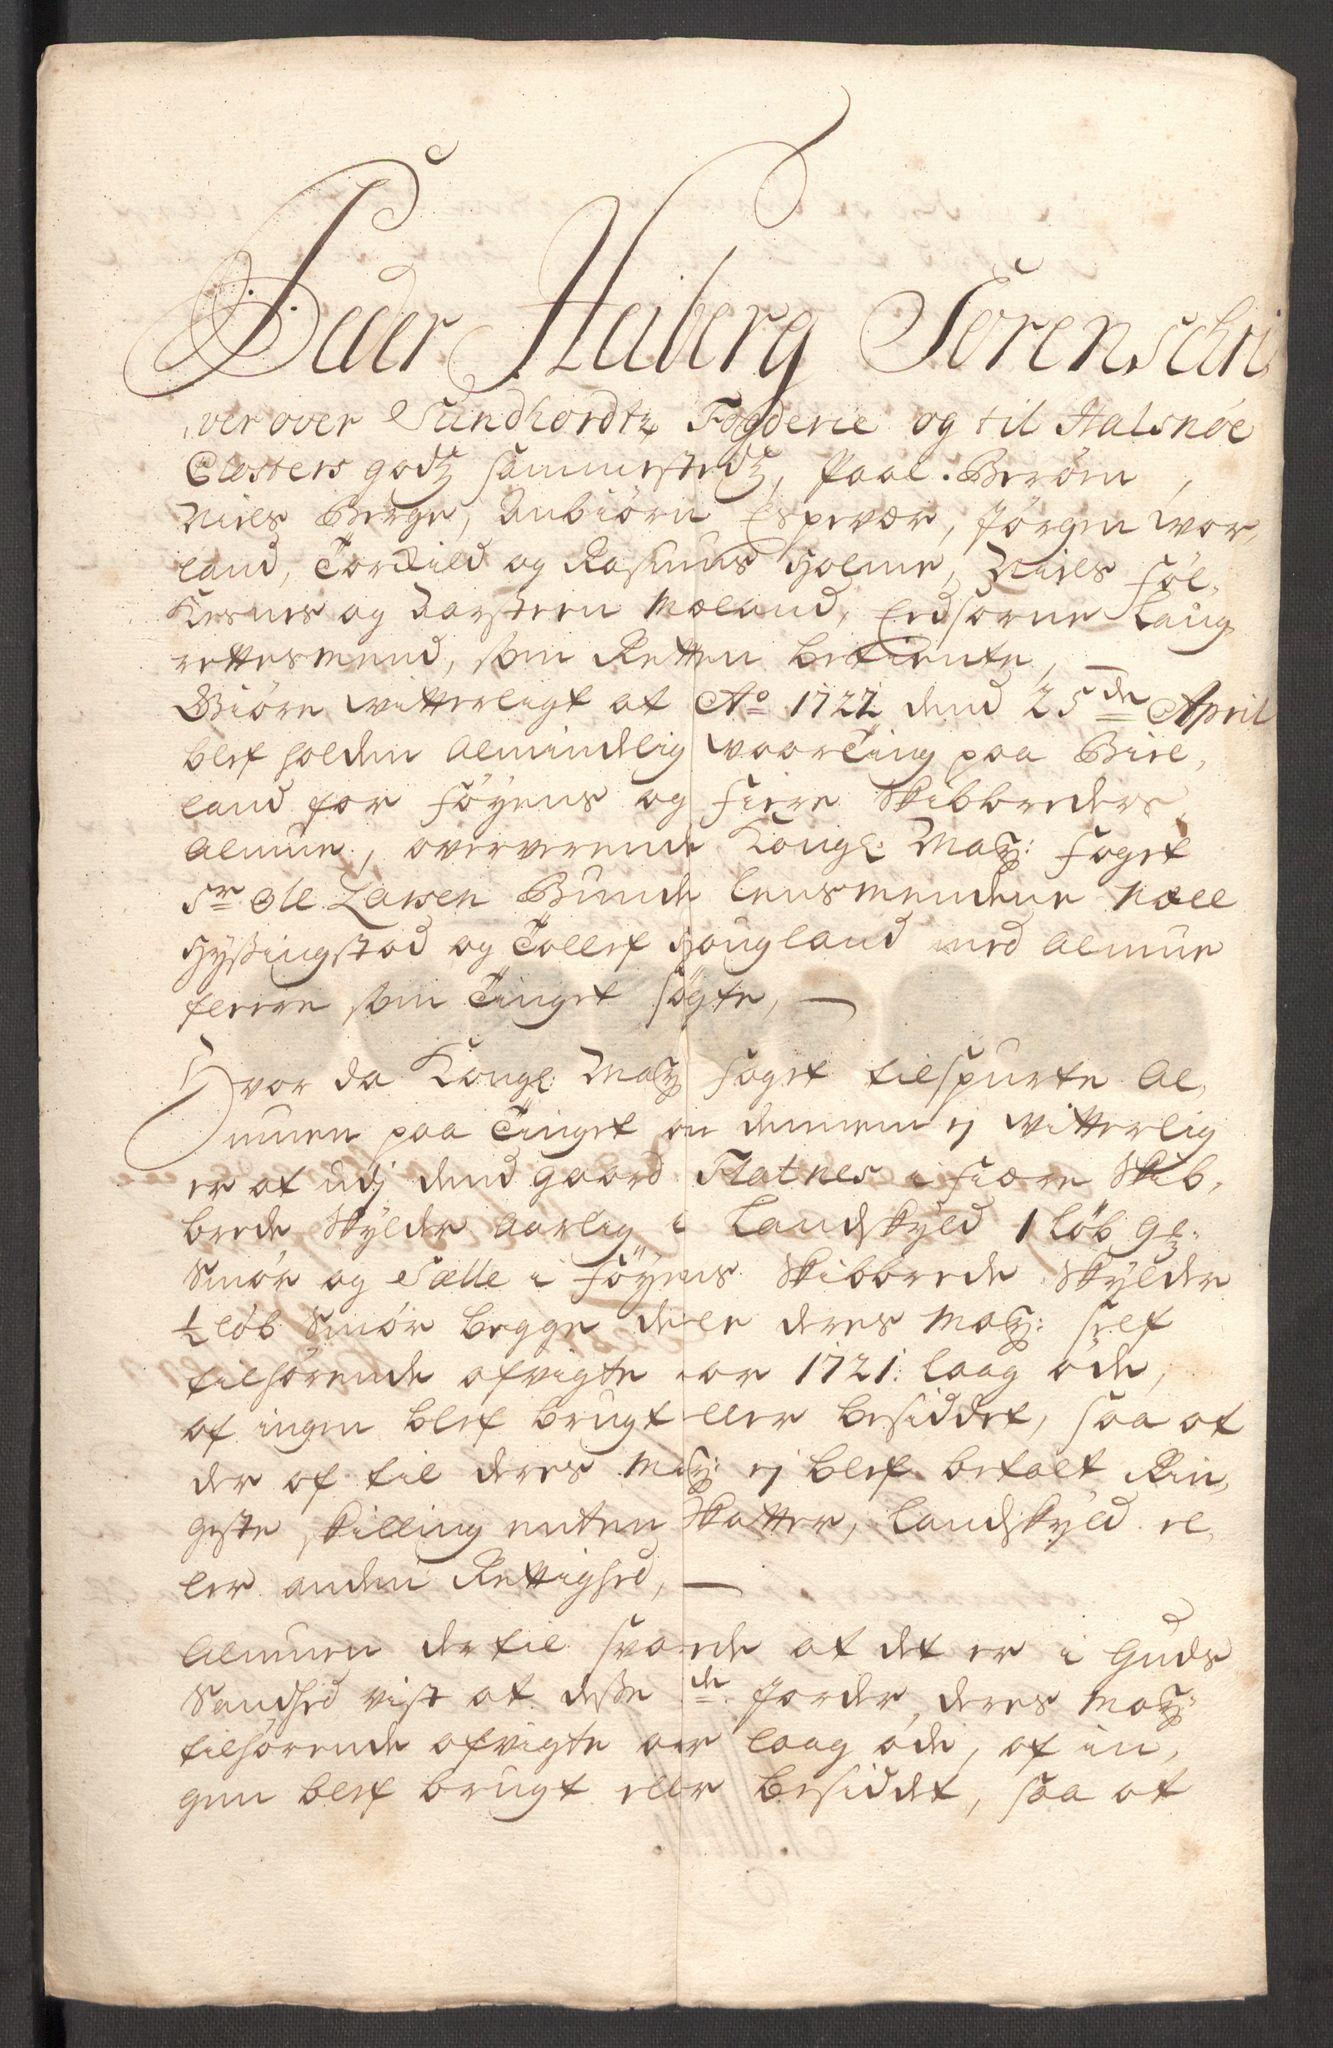 RA, Rentekammeret inntil 1814, Reviderte regnskaper, Fogderegnskap, R48/L3000: Fogderegnskap Sunnhordland og Hardanger, 1721, s. 282